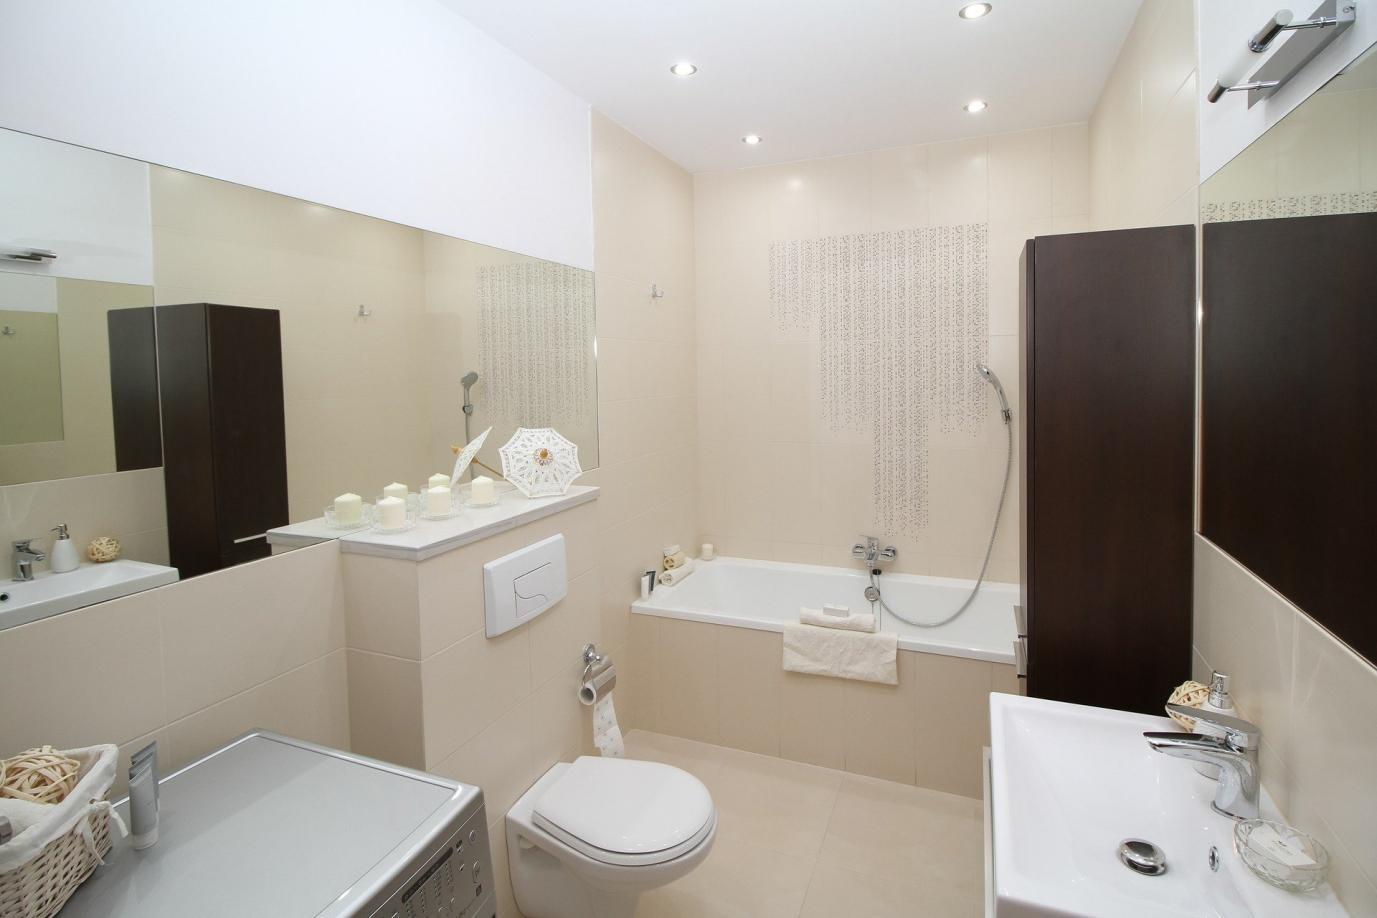 Натяжные потолки в ванную и кухню: почему ПВХ-пленка – это идеальное решение